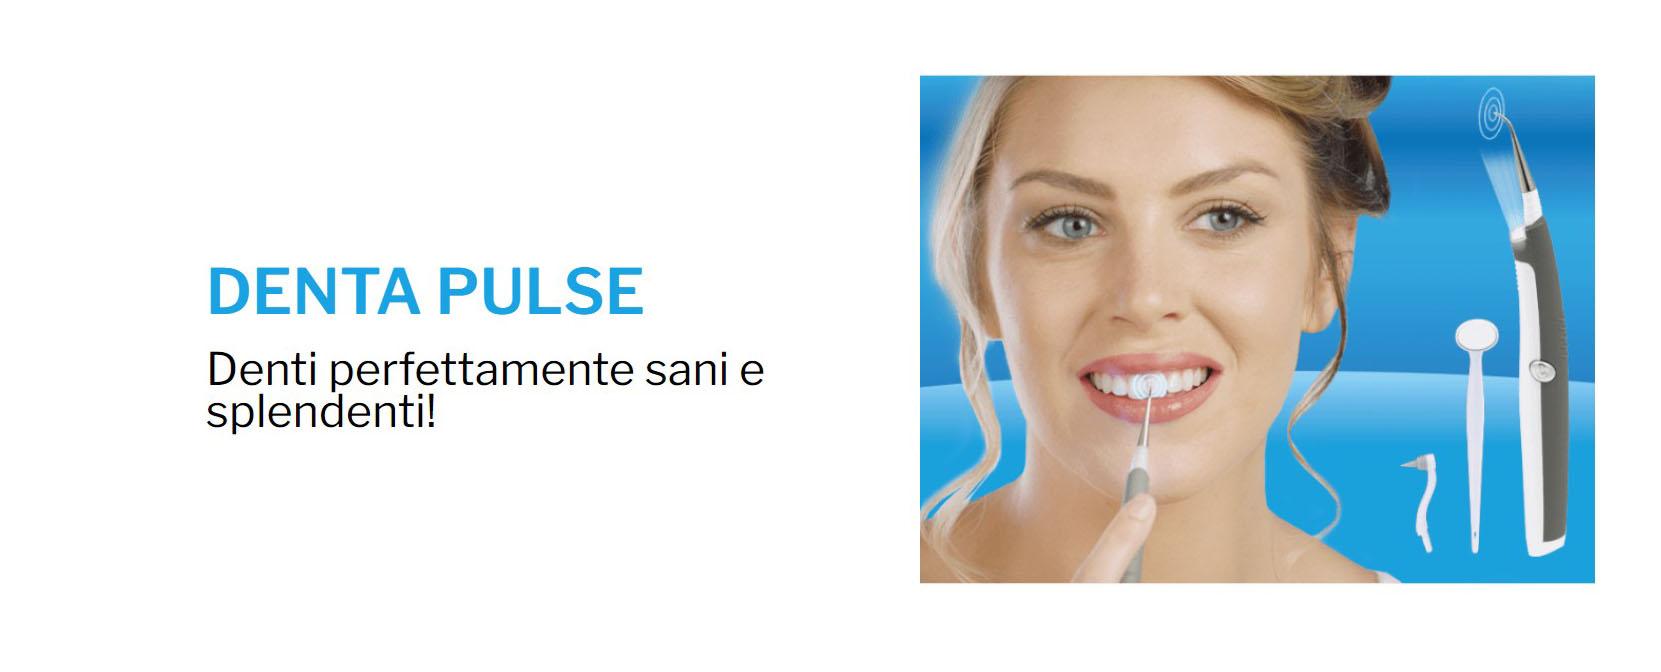 dispositivo pulizia denti